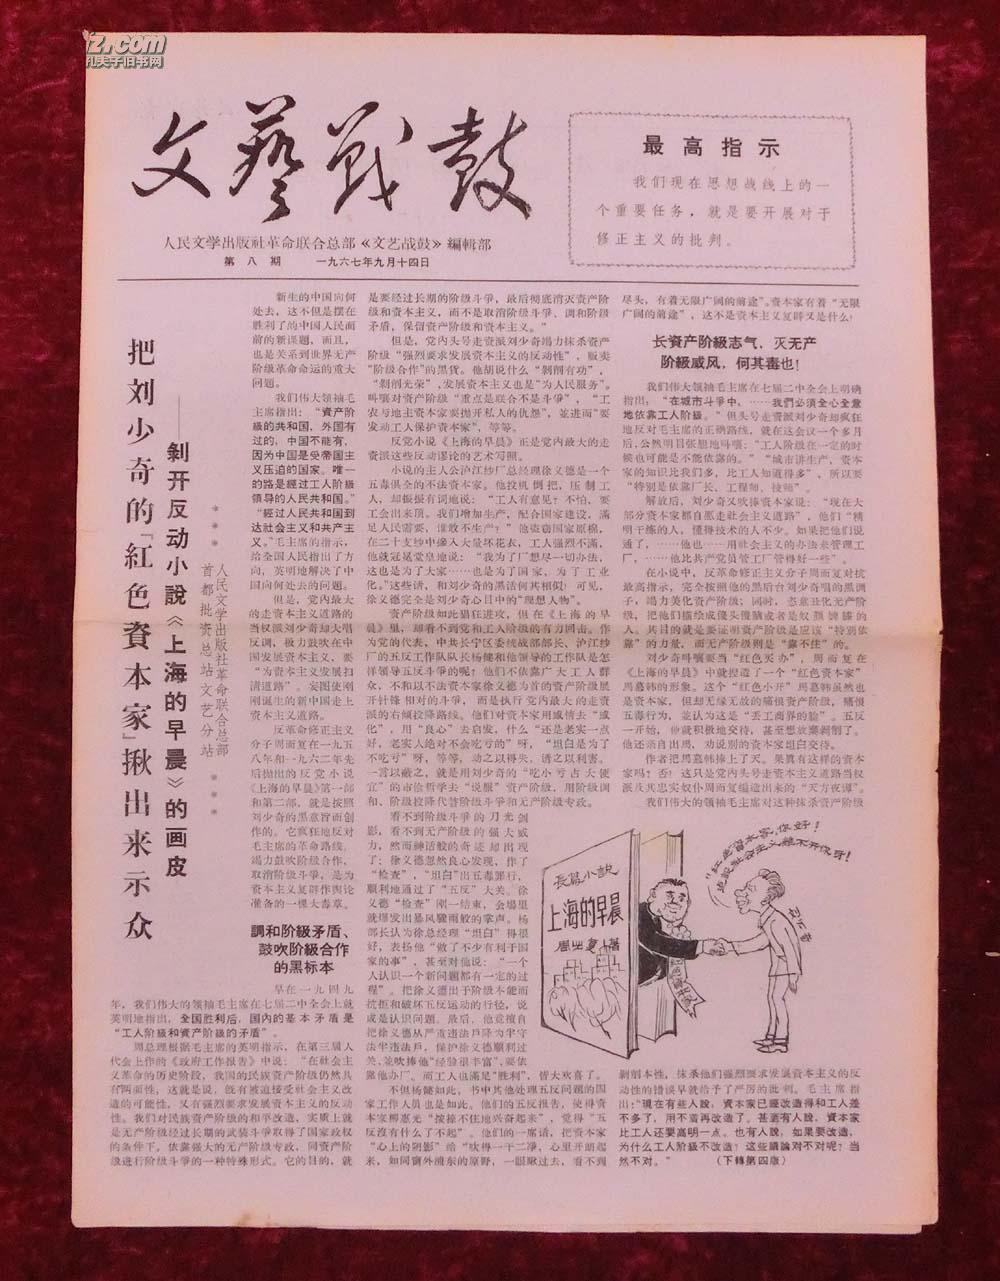 文革报纸:文艺战鼓第8期1967年9月14日(带漫画)